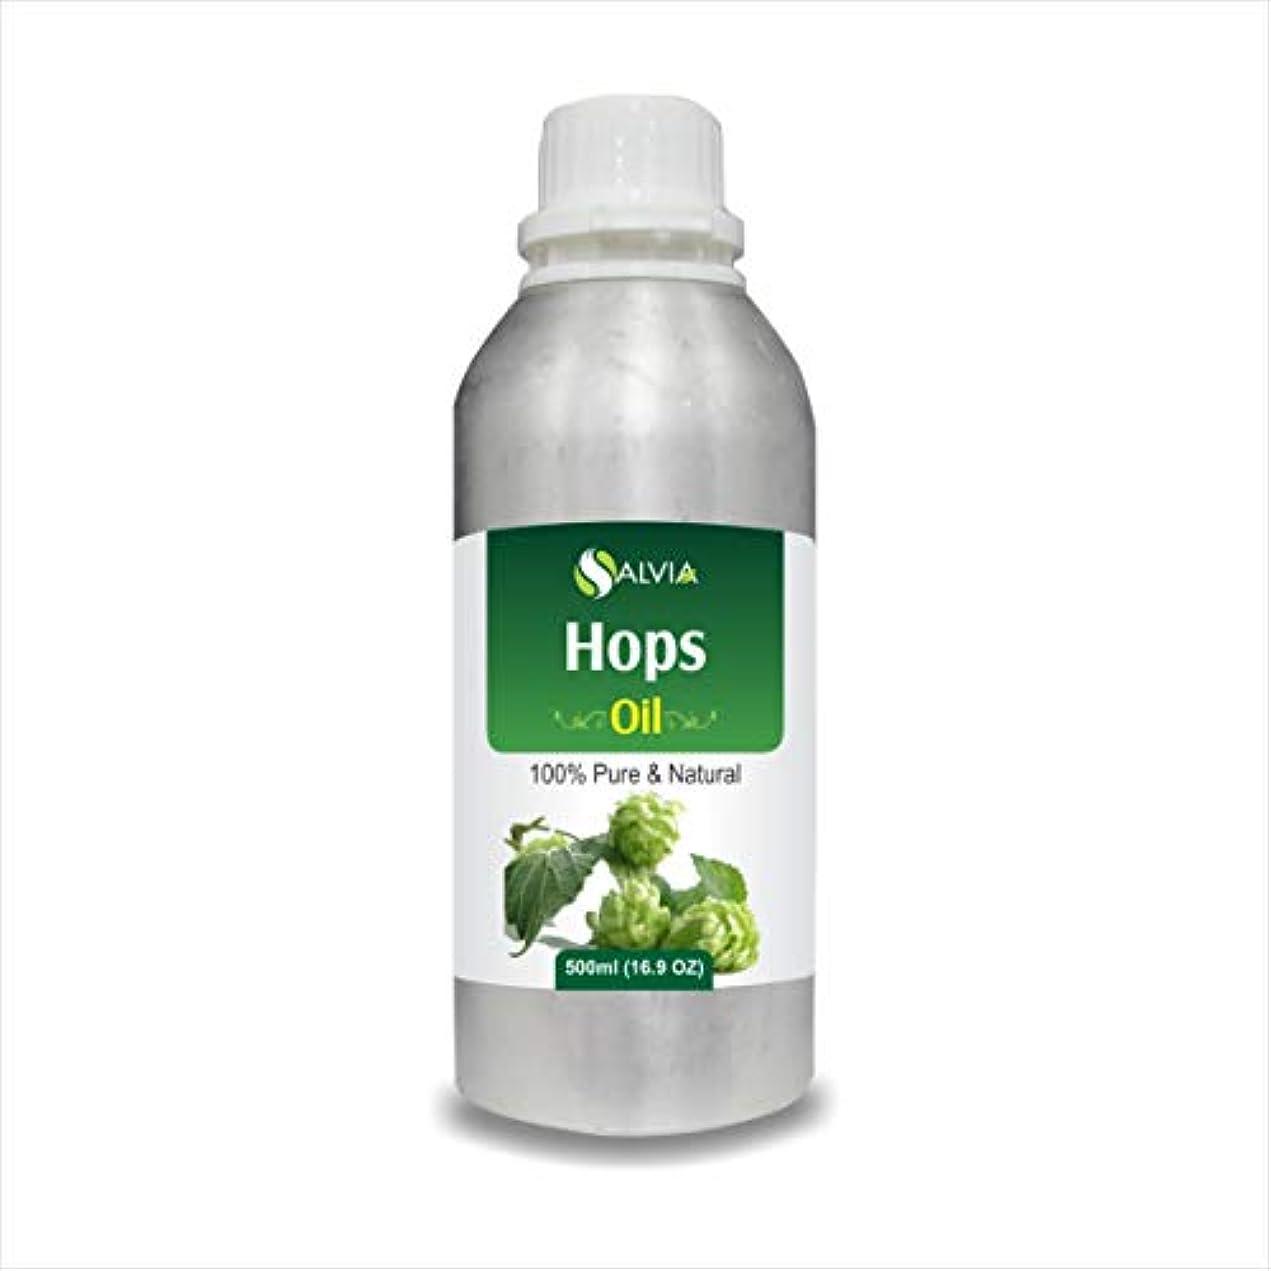 クリーナー読むマーチャンダイザーHops Oil (Humulus lupulus) 100% Natural Pure Undiluted Uncut Essential Oil 500ml